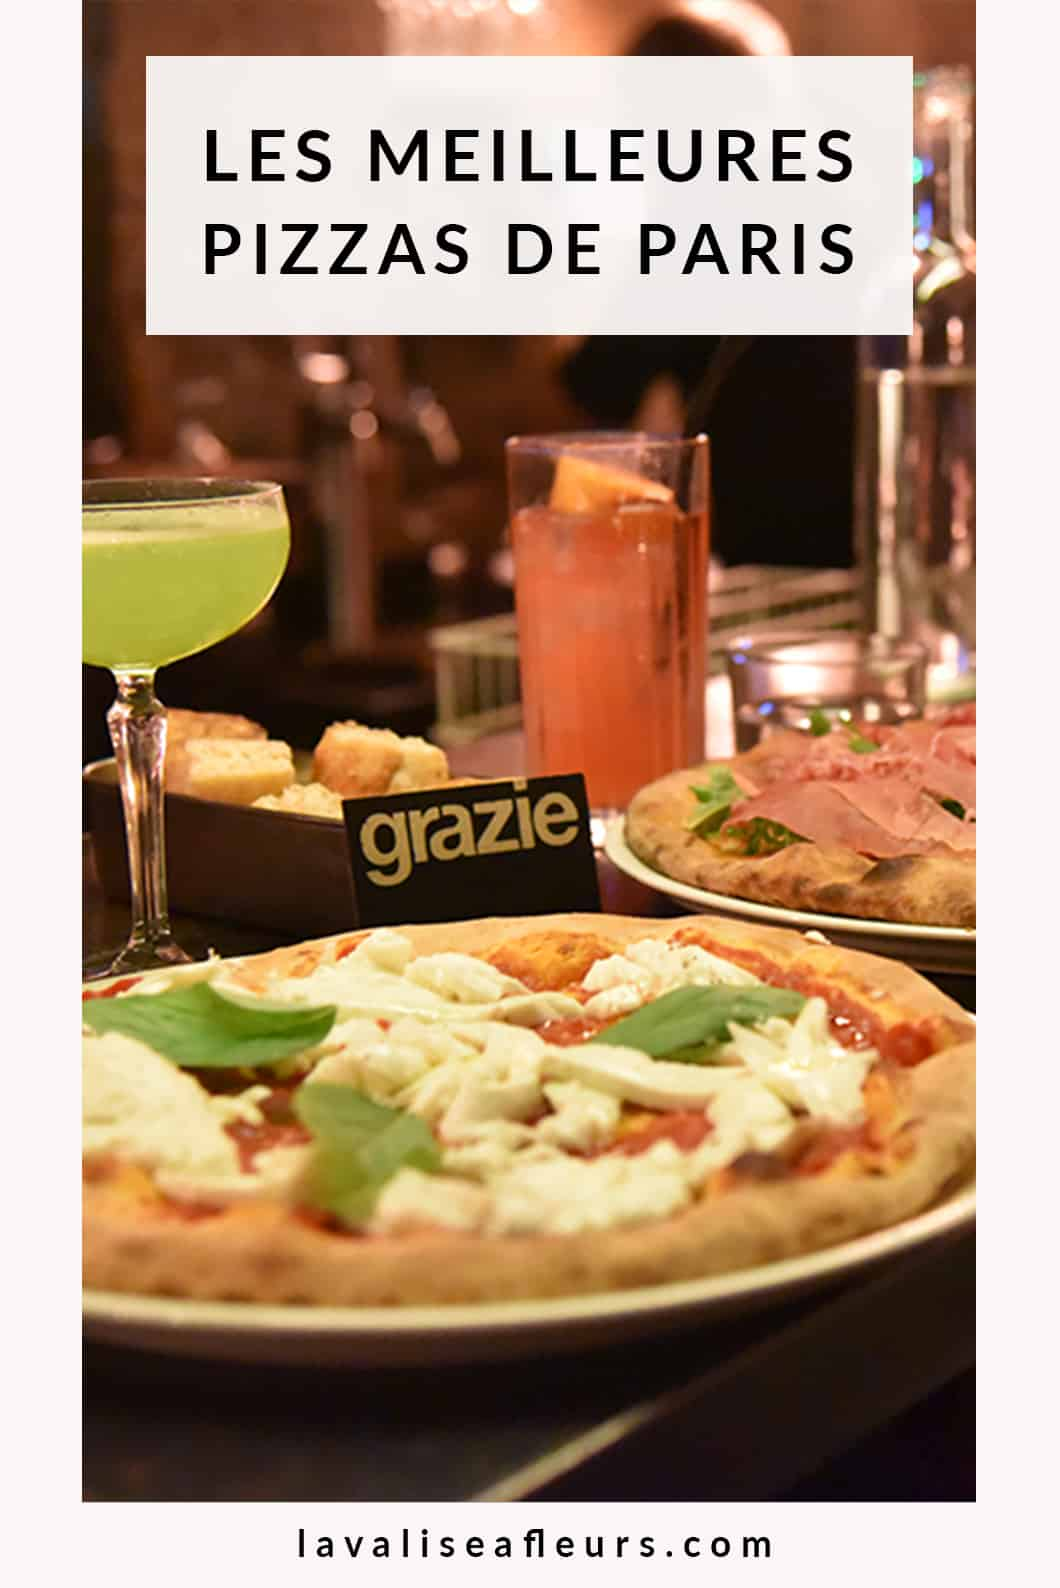 Les meilleures pizzas de Paris, toutes nos bonnes adresses